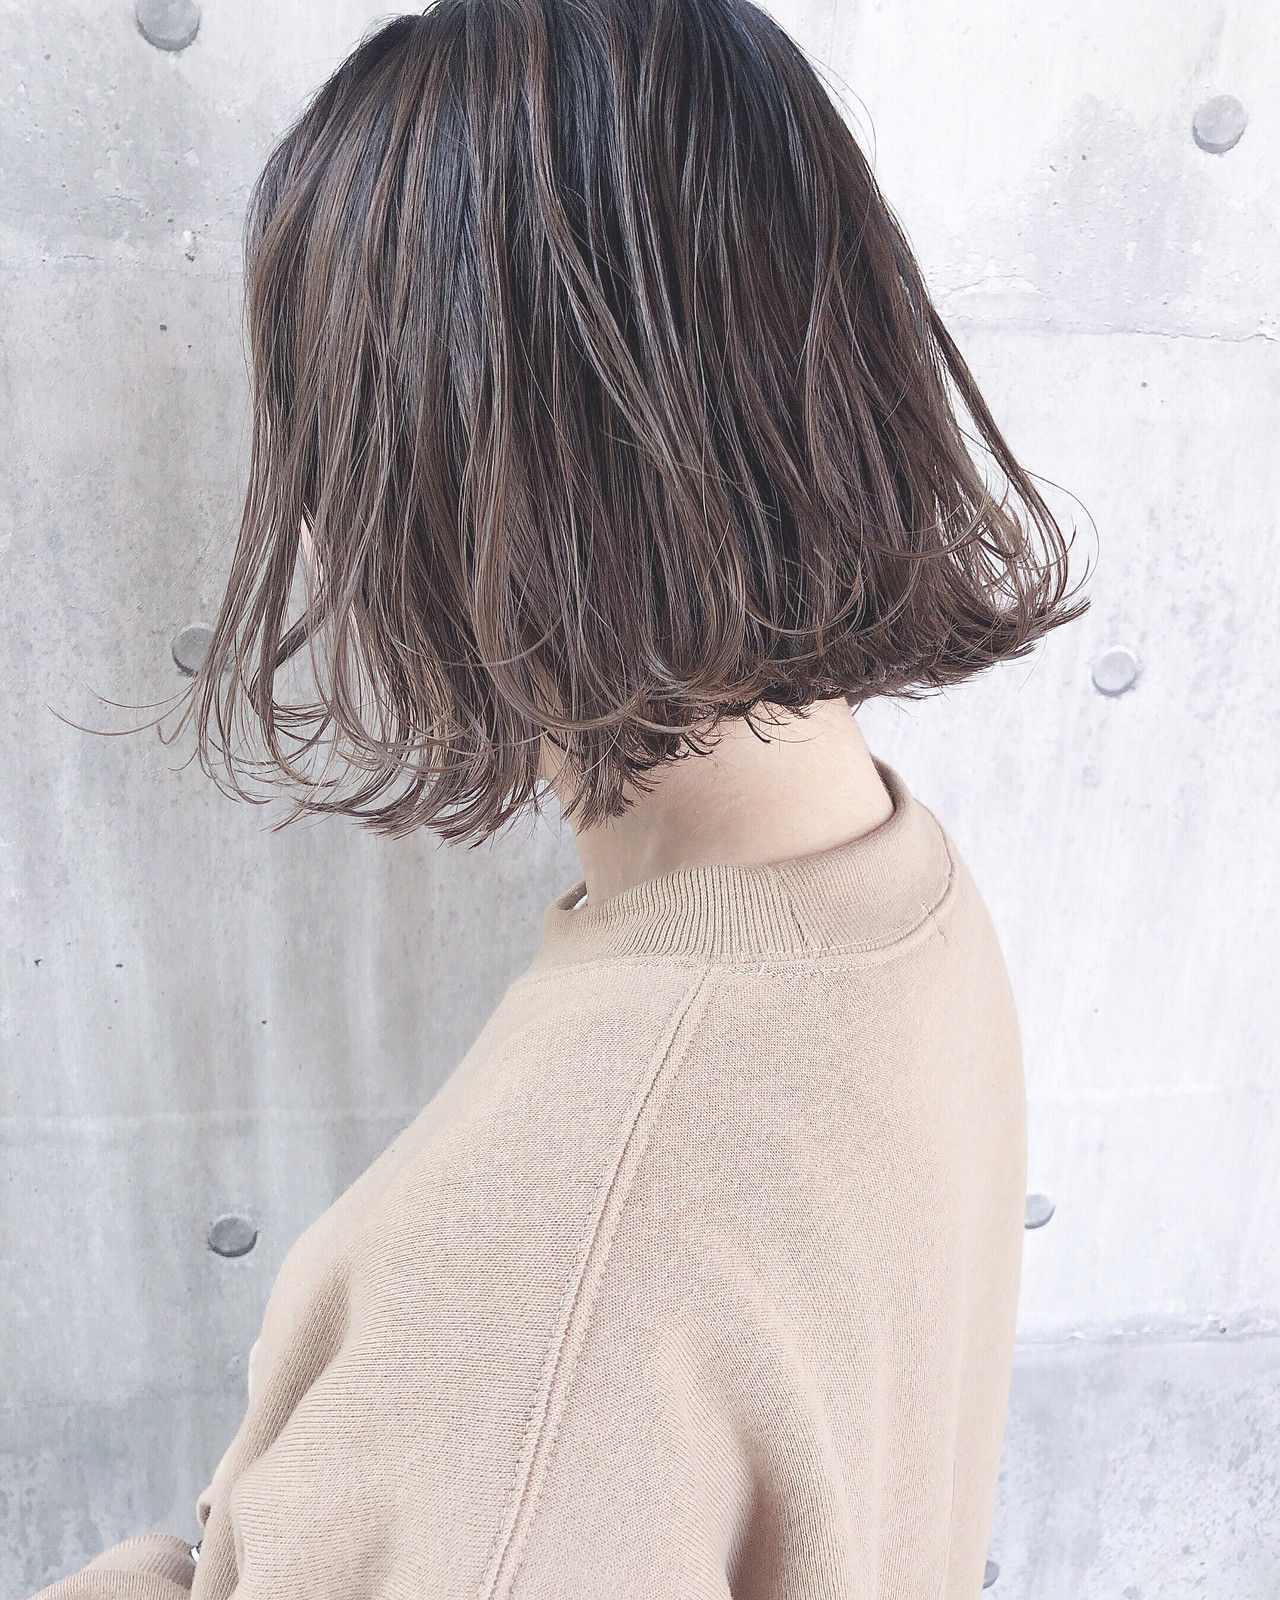 ミルクティーベージュ パーマ ミルクティーグレージュ ミルクティーアッシュ ヘアスタイルや髪型の写真・画像 | 上田智久 / ooit 福岡 天神 / ooit